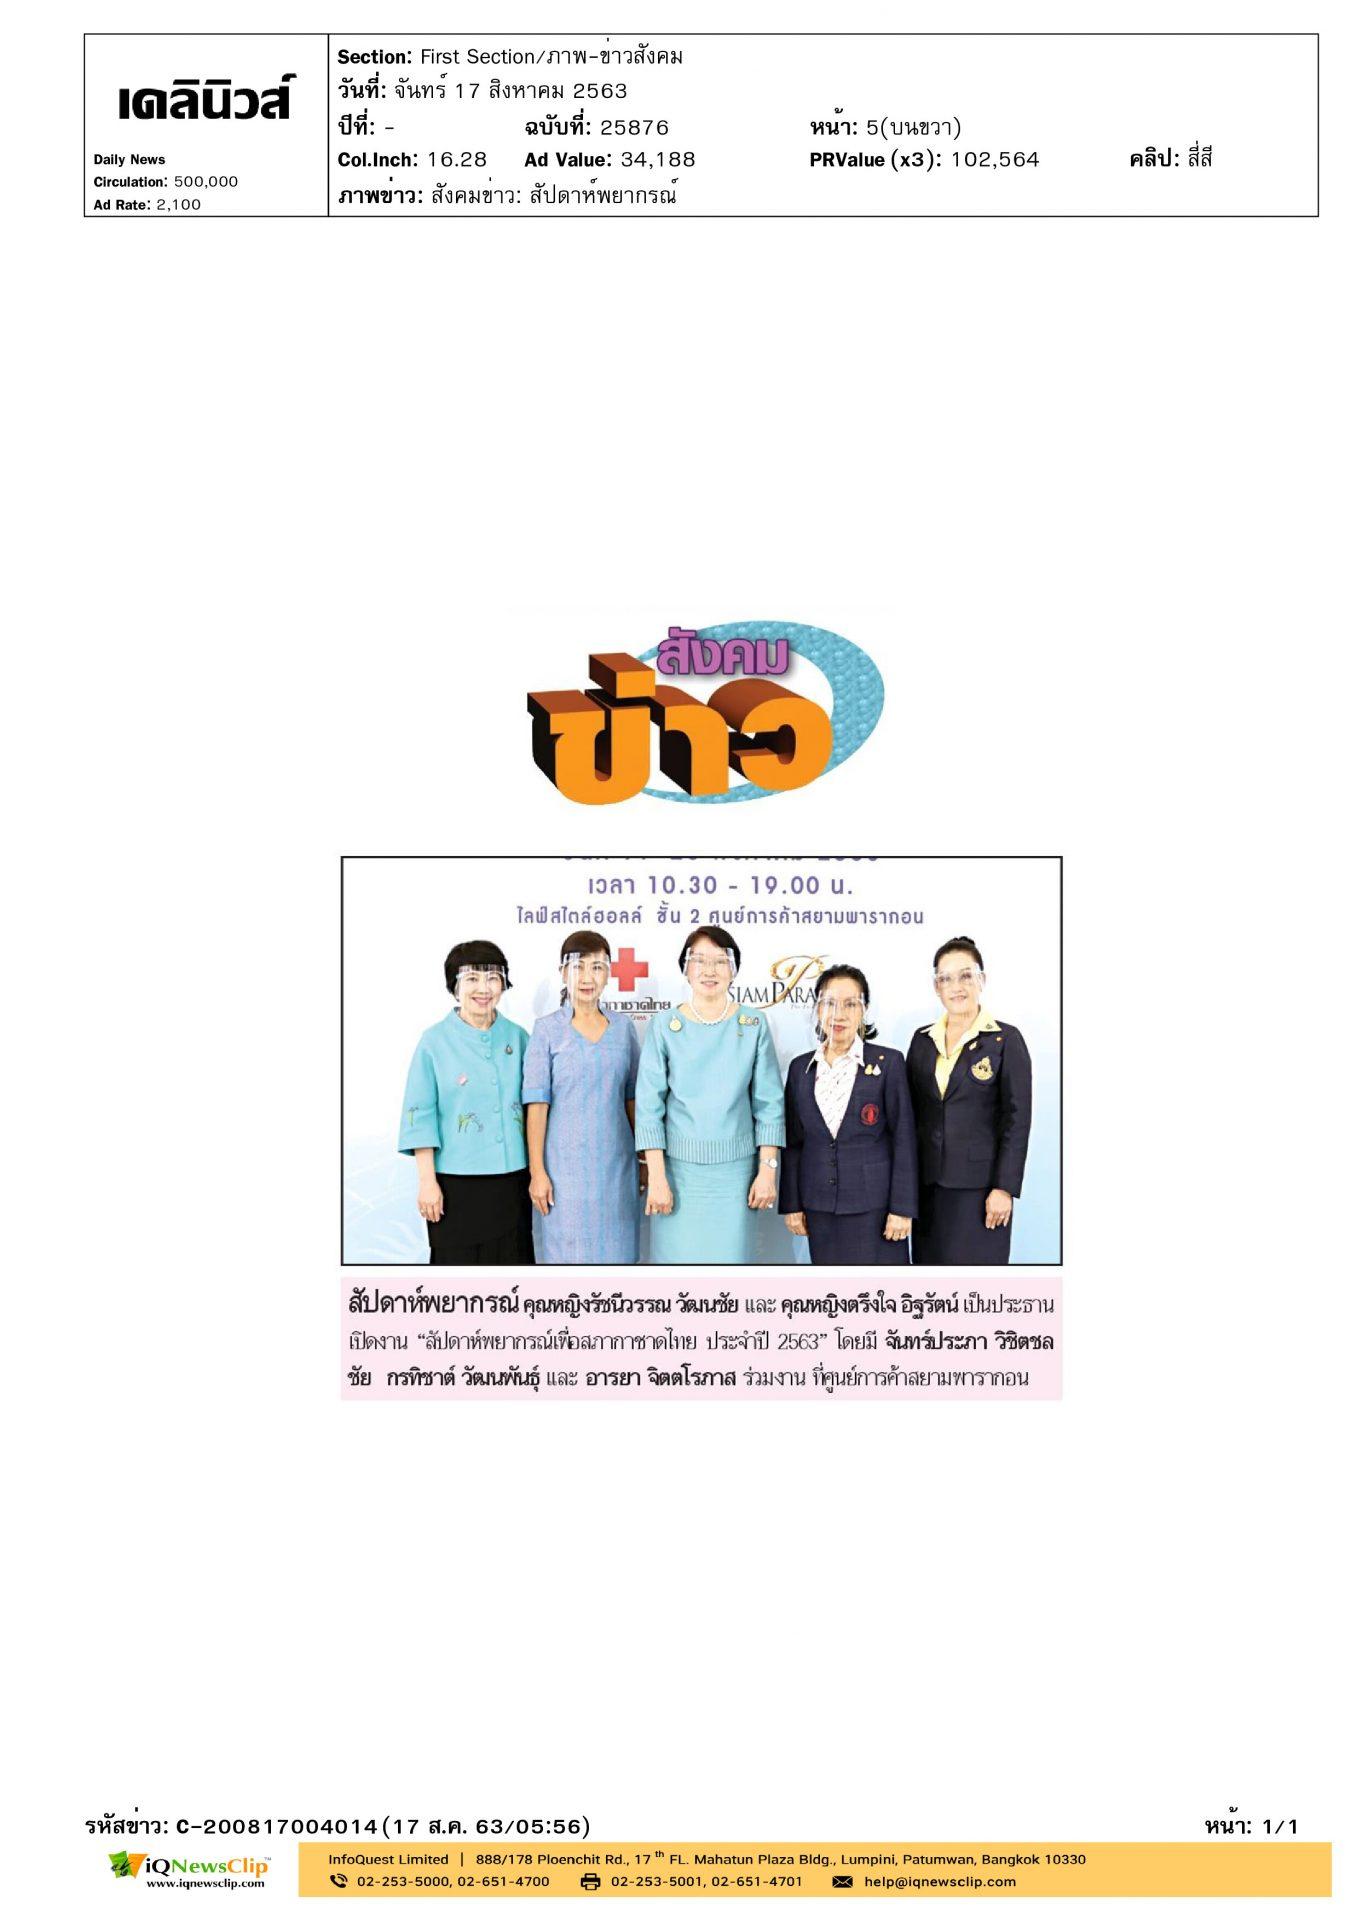 """งาน""""สัปดาห์พยากรณ์เพื่อ สภากาชาดไทย"""" ประจำปี 2563"""